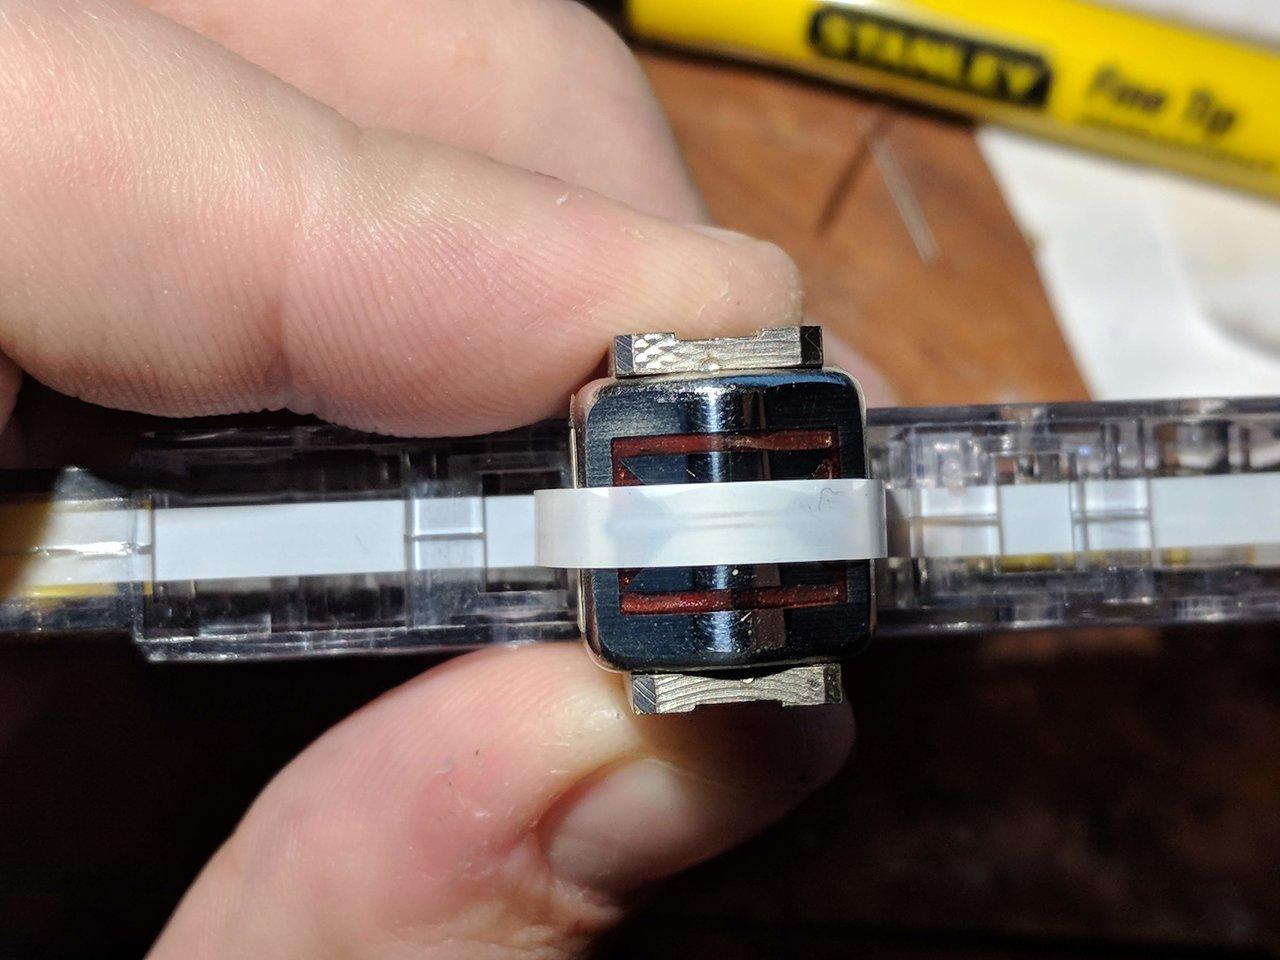 Двухдорожечные головки для кассетного магнитофона